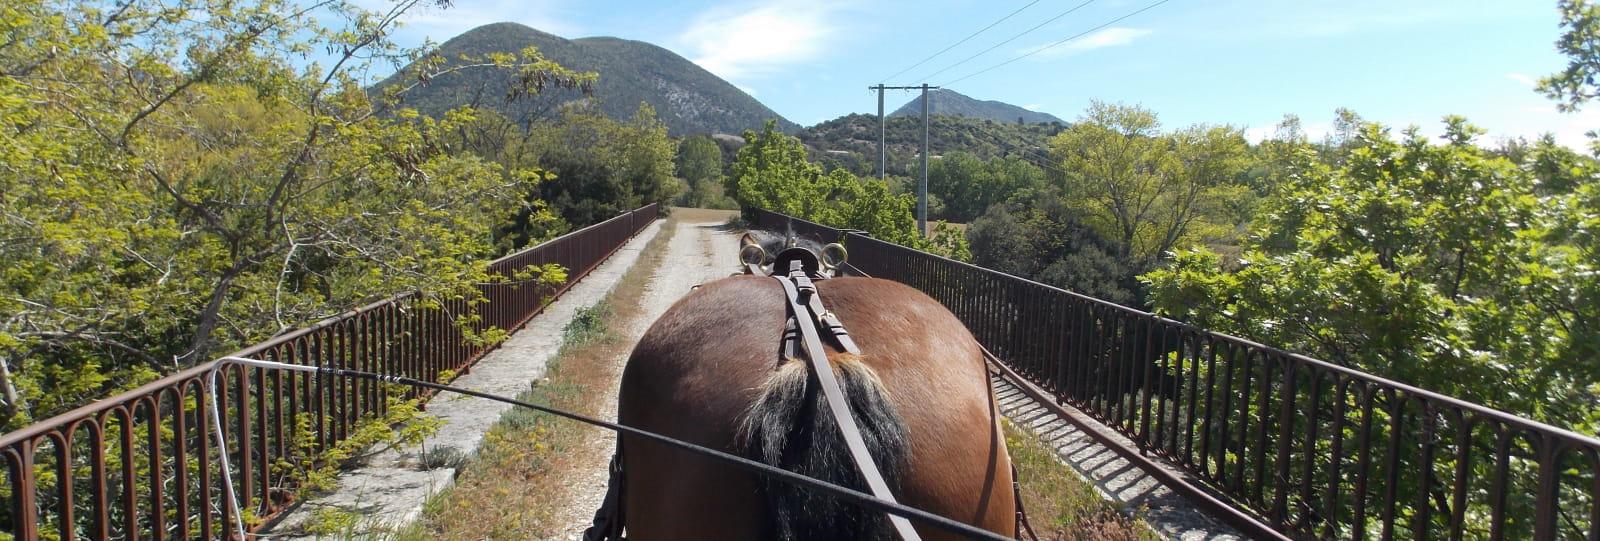 Le cheval vapeur